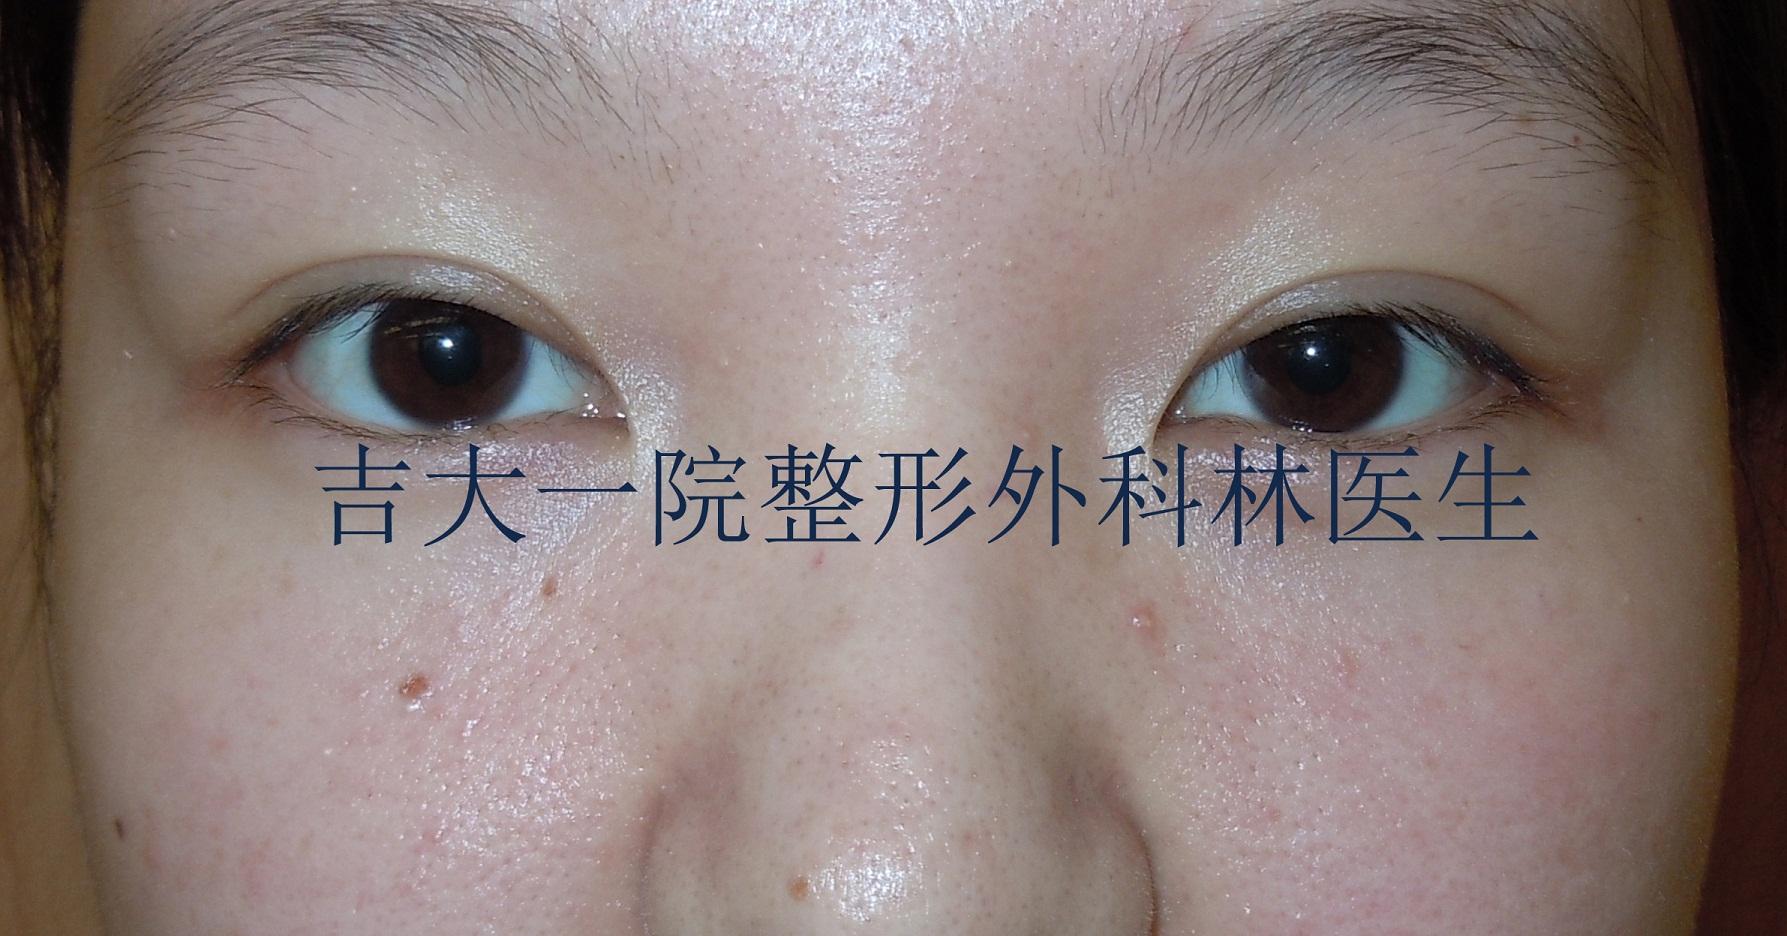 韩式微创三点双眼皮步骤